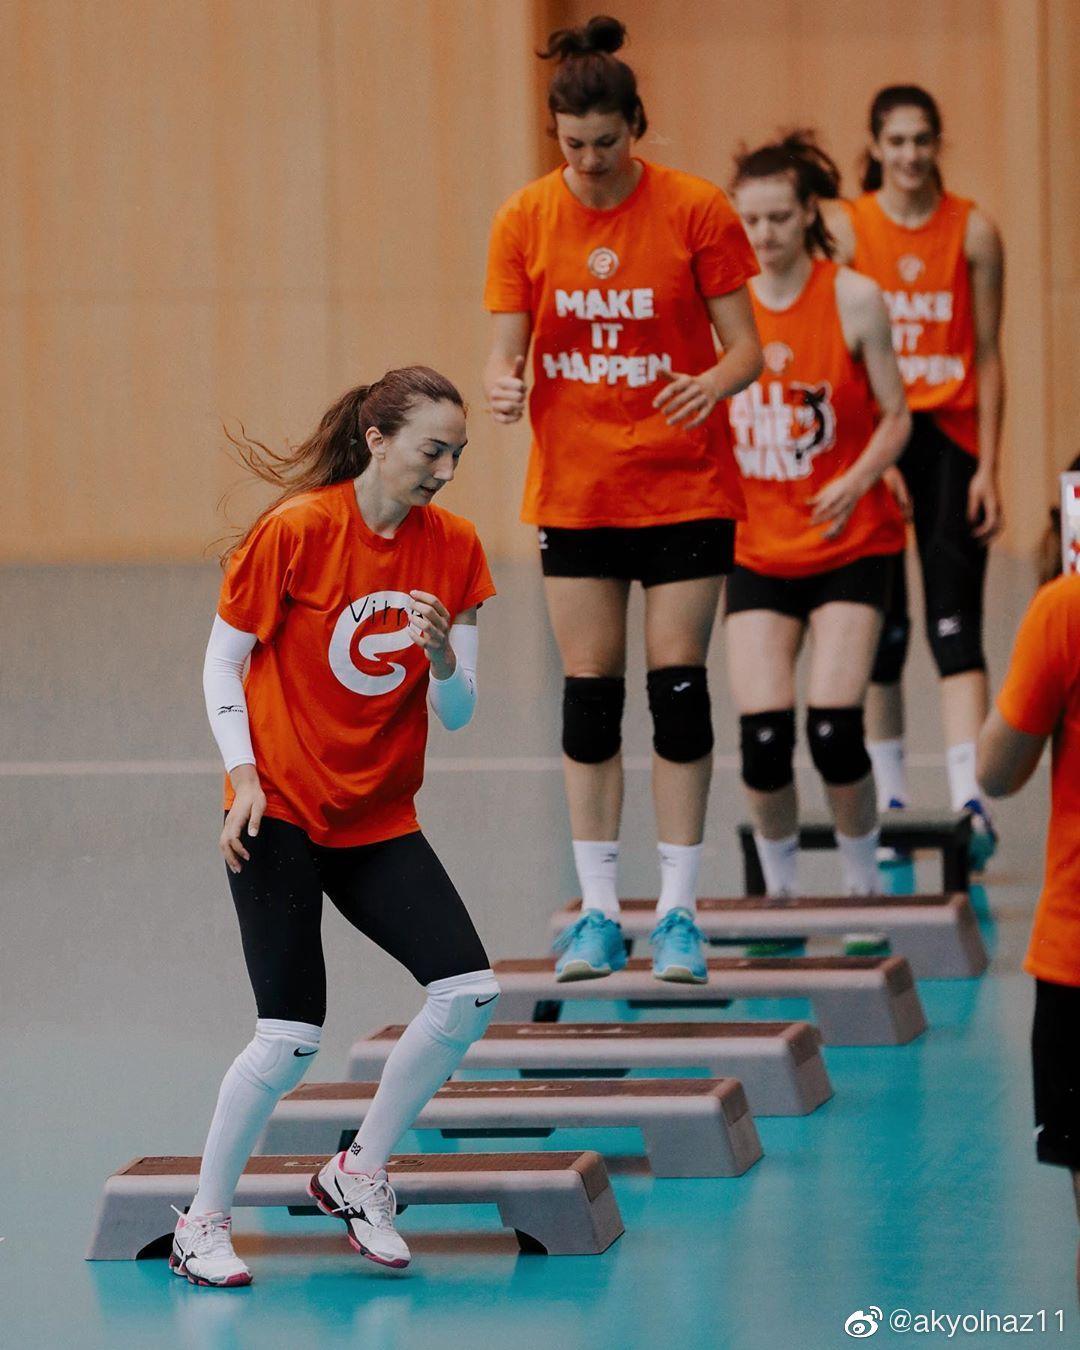 土耳其伊萨奇巴希女排俱乐部训练备战新赛季。